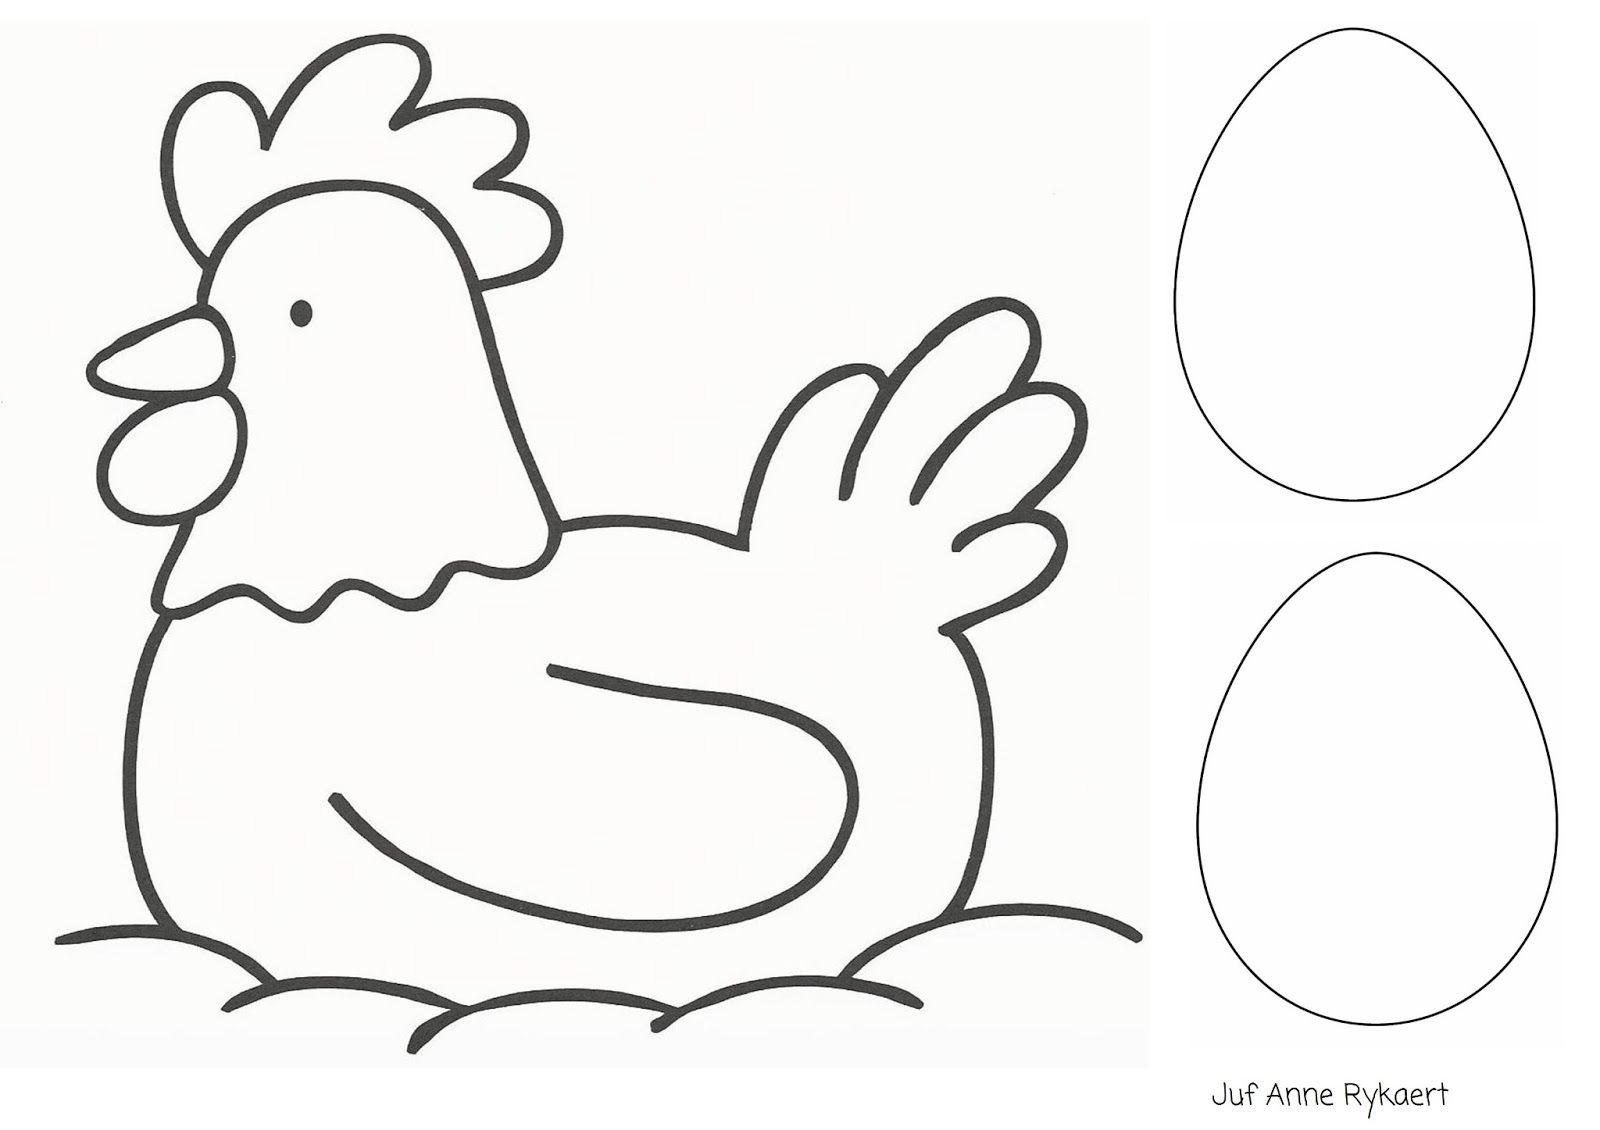 afbeeldingsresultaat voor kippen prent kleurplaten